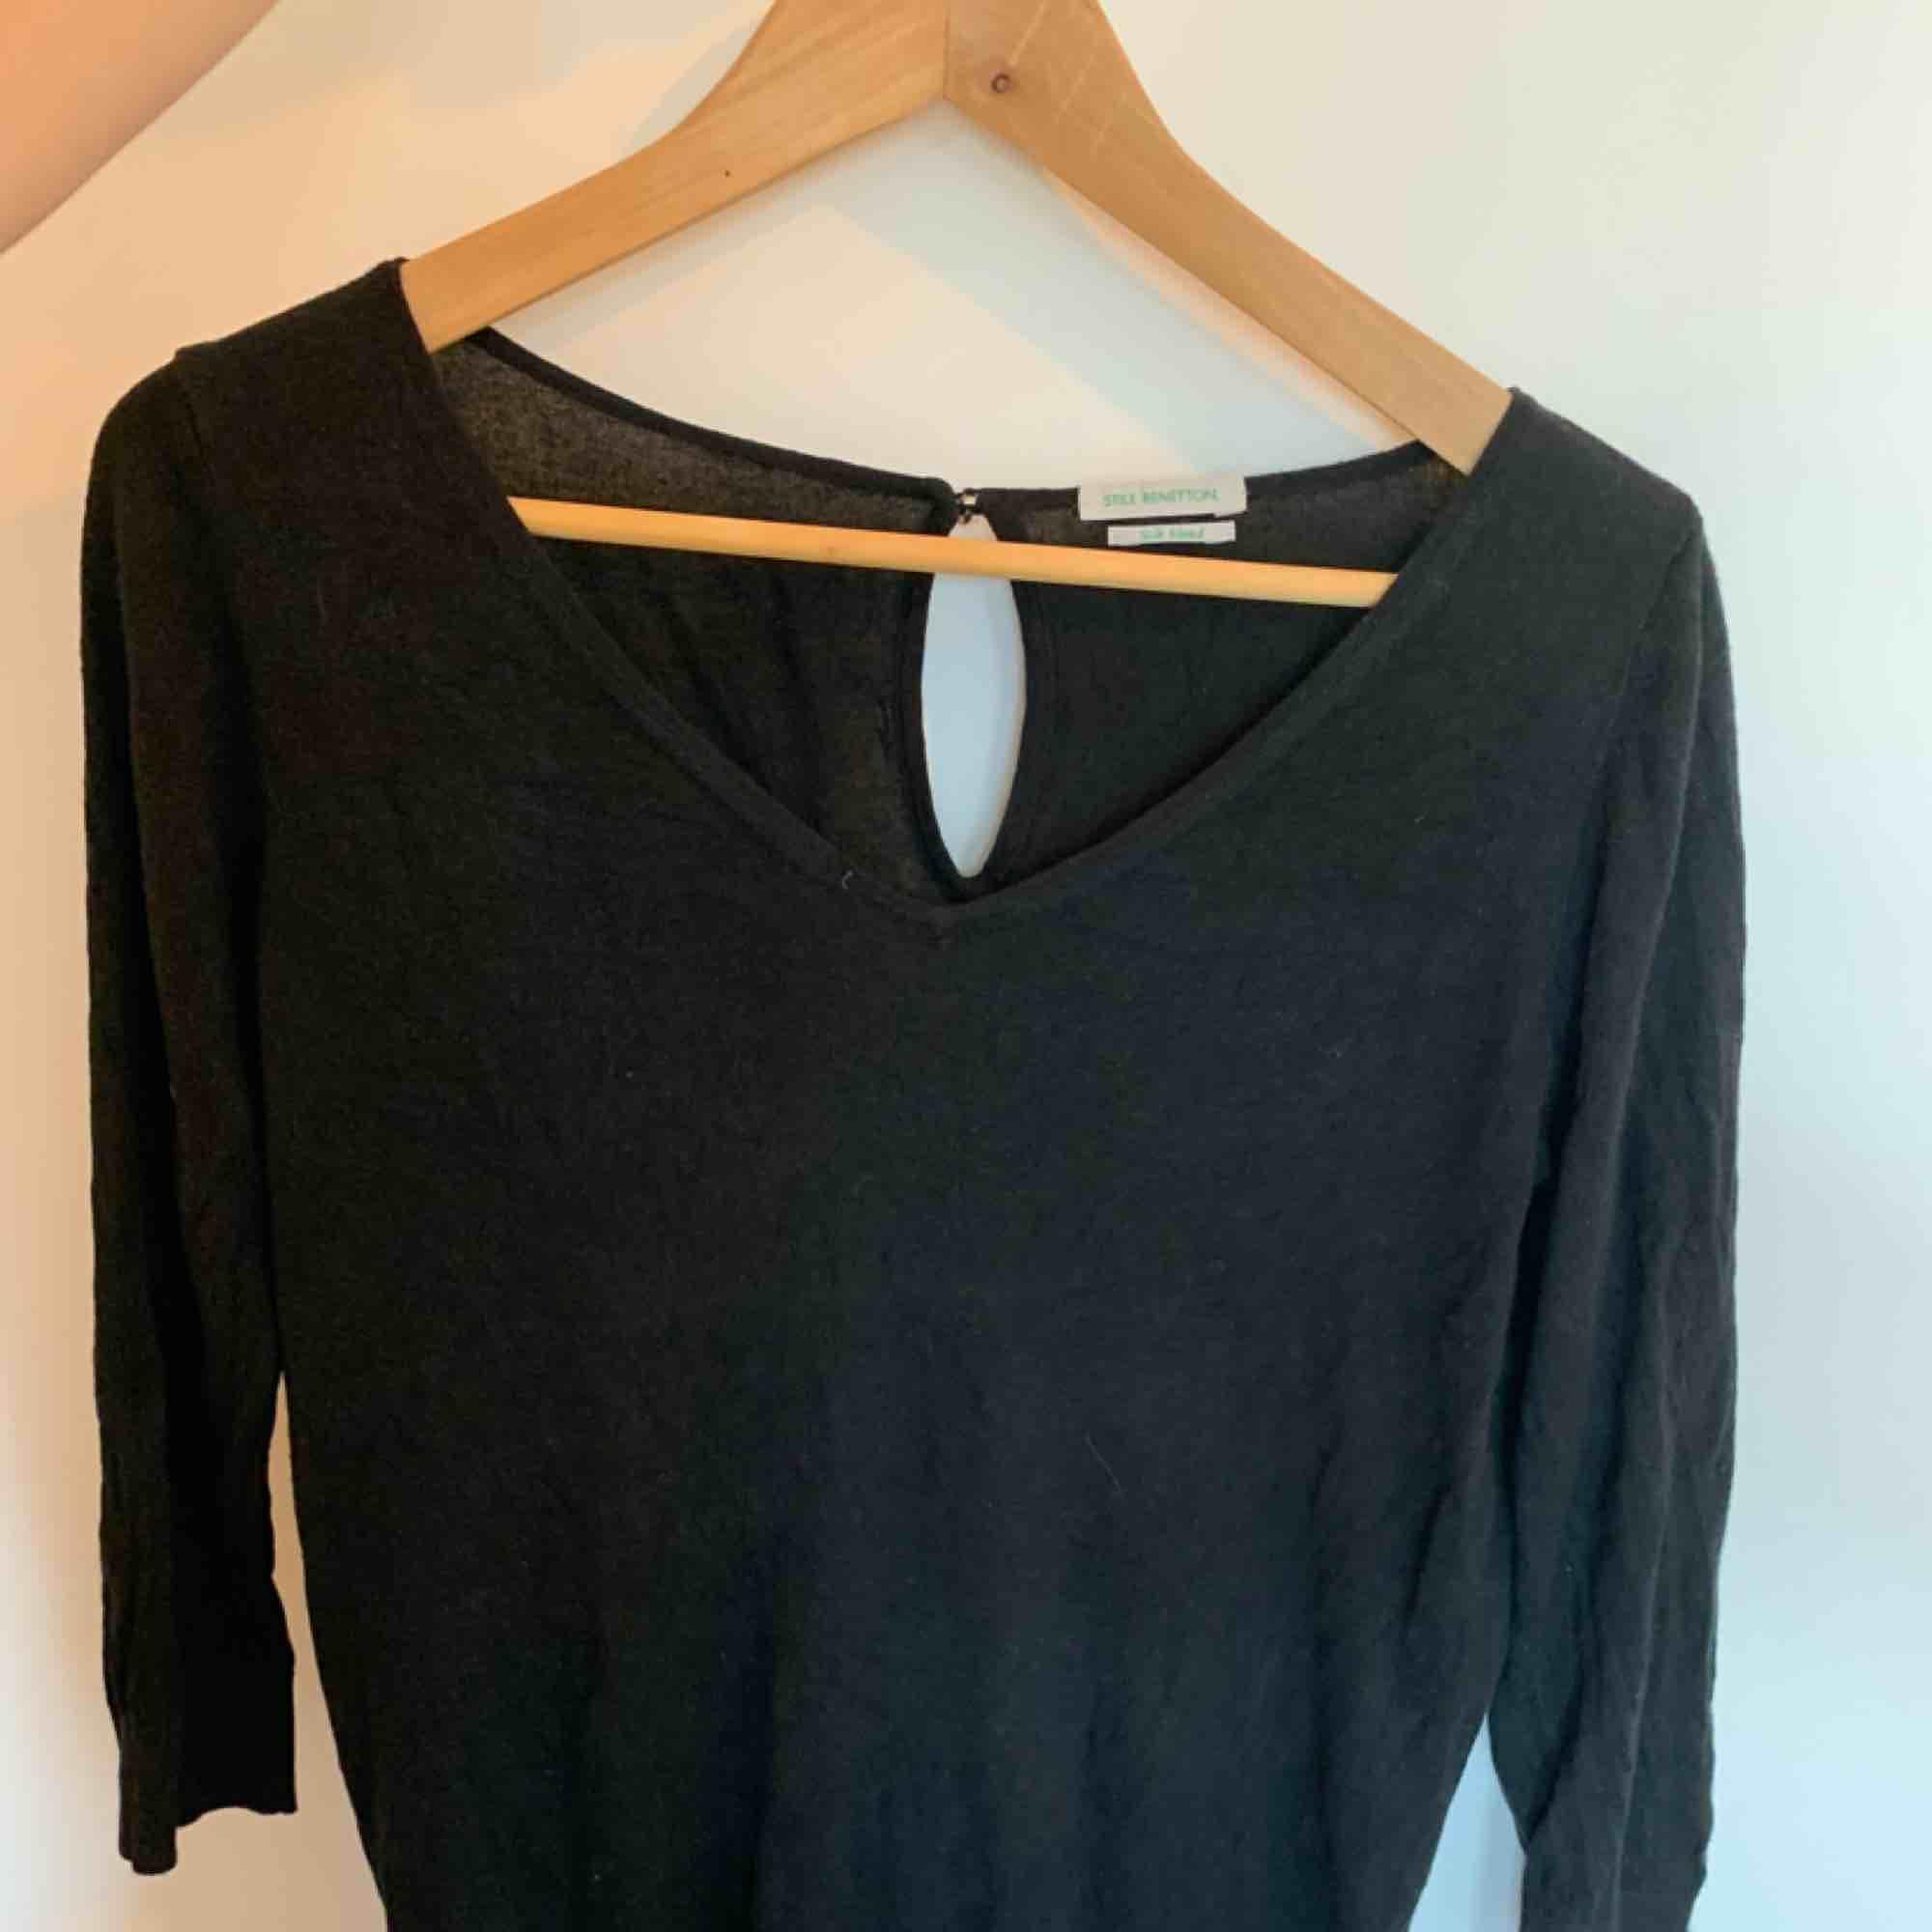 Jättefin svart tröja med en liten sten i nacken i storlek M. I fint begagnat skick. Skön nu på tidiga hösten då den inte är jättevarm . Tröjor & Koftor.